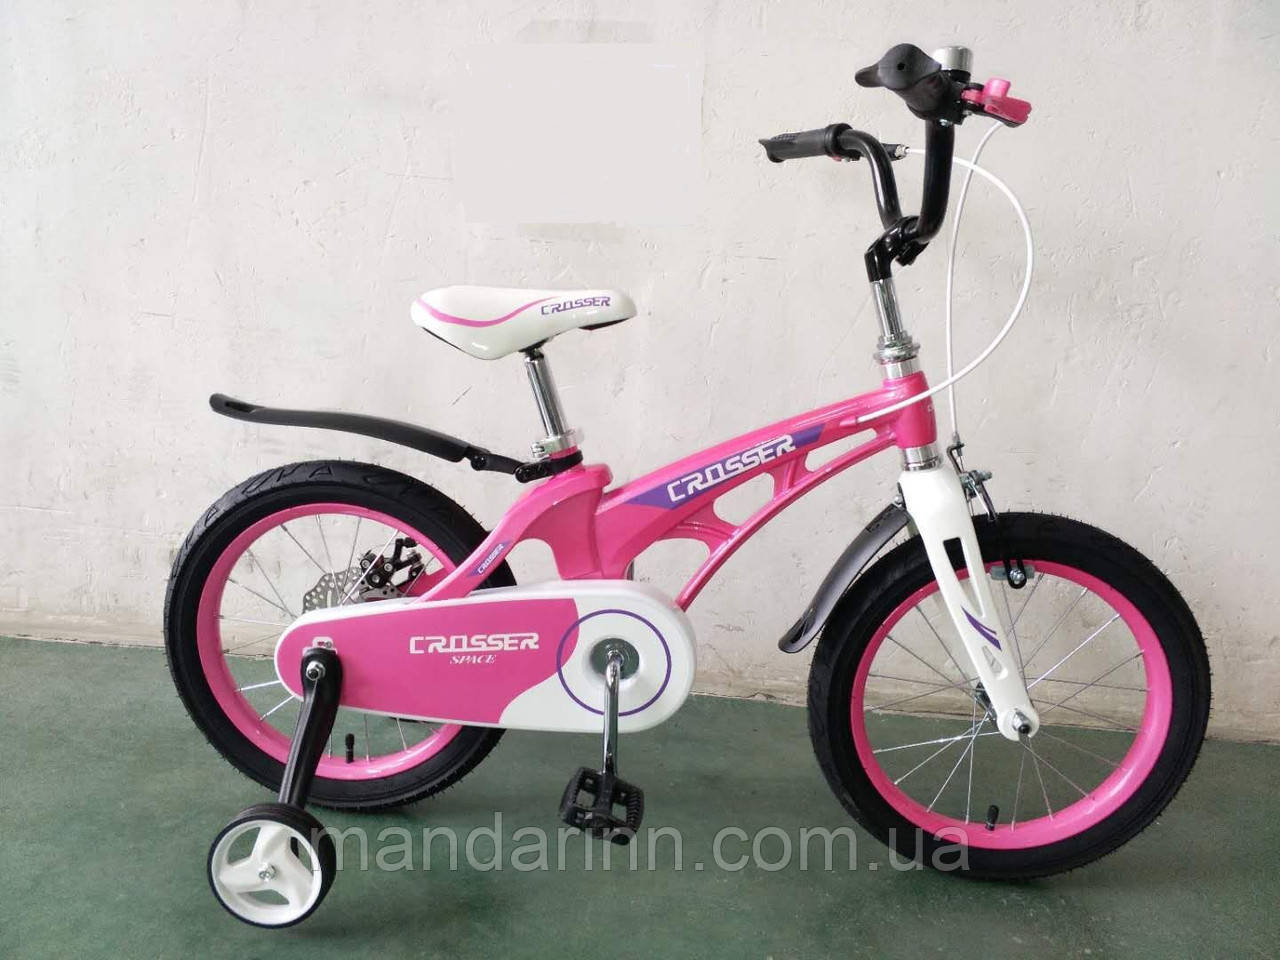 """Детский Велосипед """"Crosser-16"""" Розовый. Суперлегкий."""